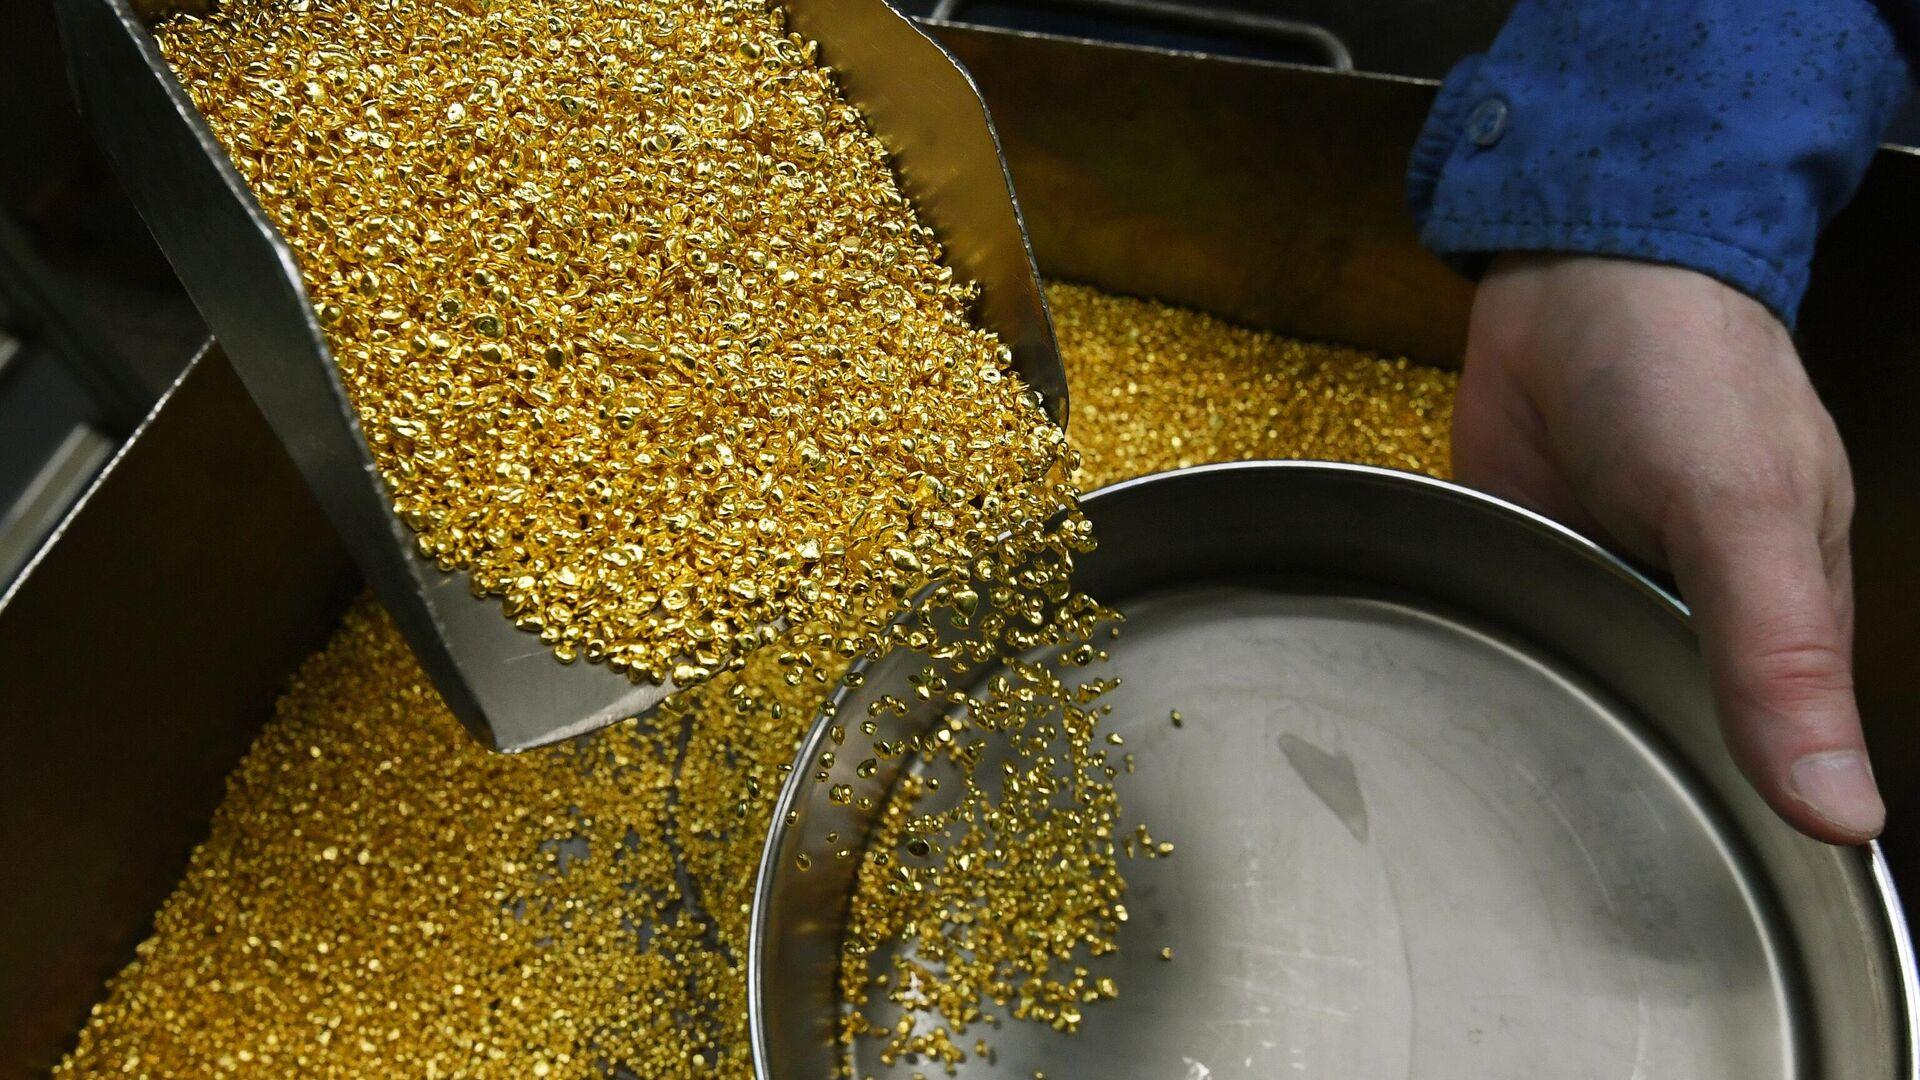 Эксперт объяснила, почему золото такое дорогое